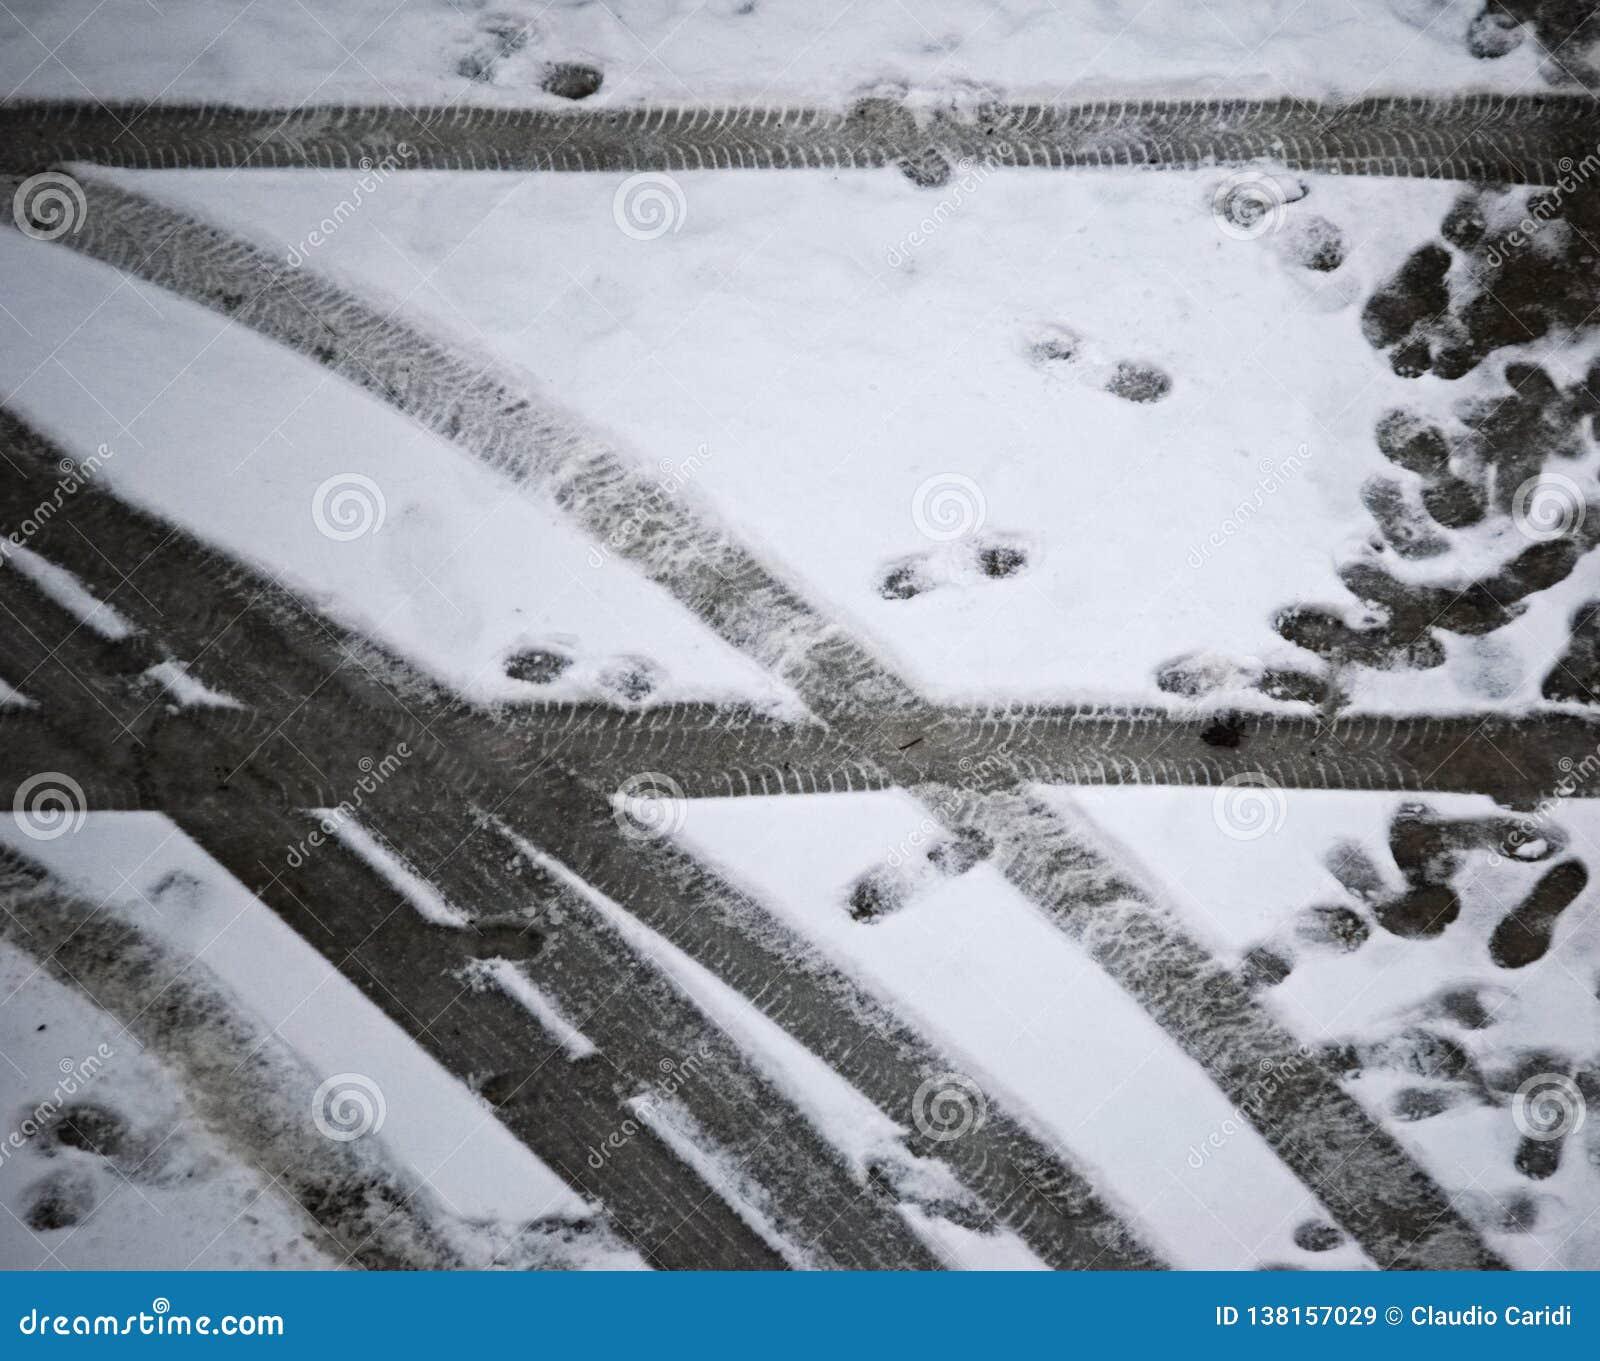 车轮脚印和踪影在雪地面的